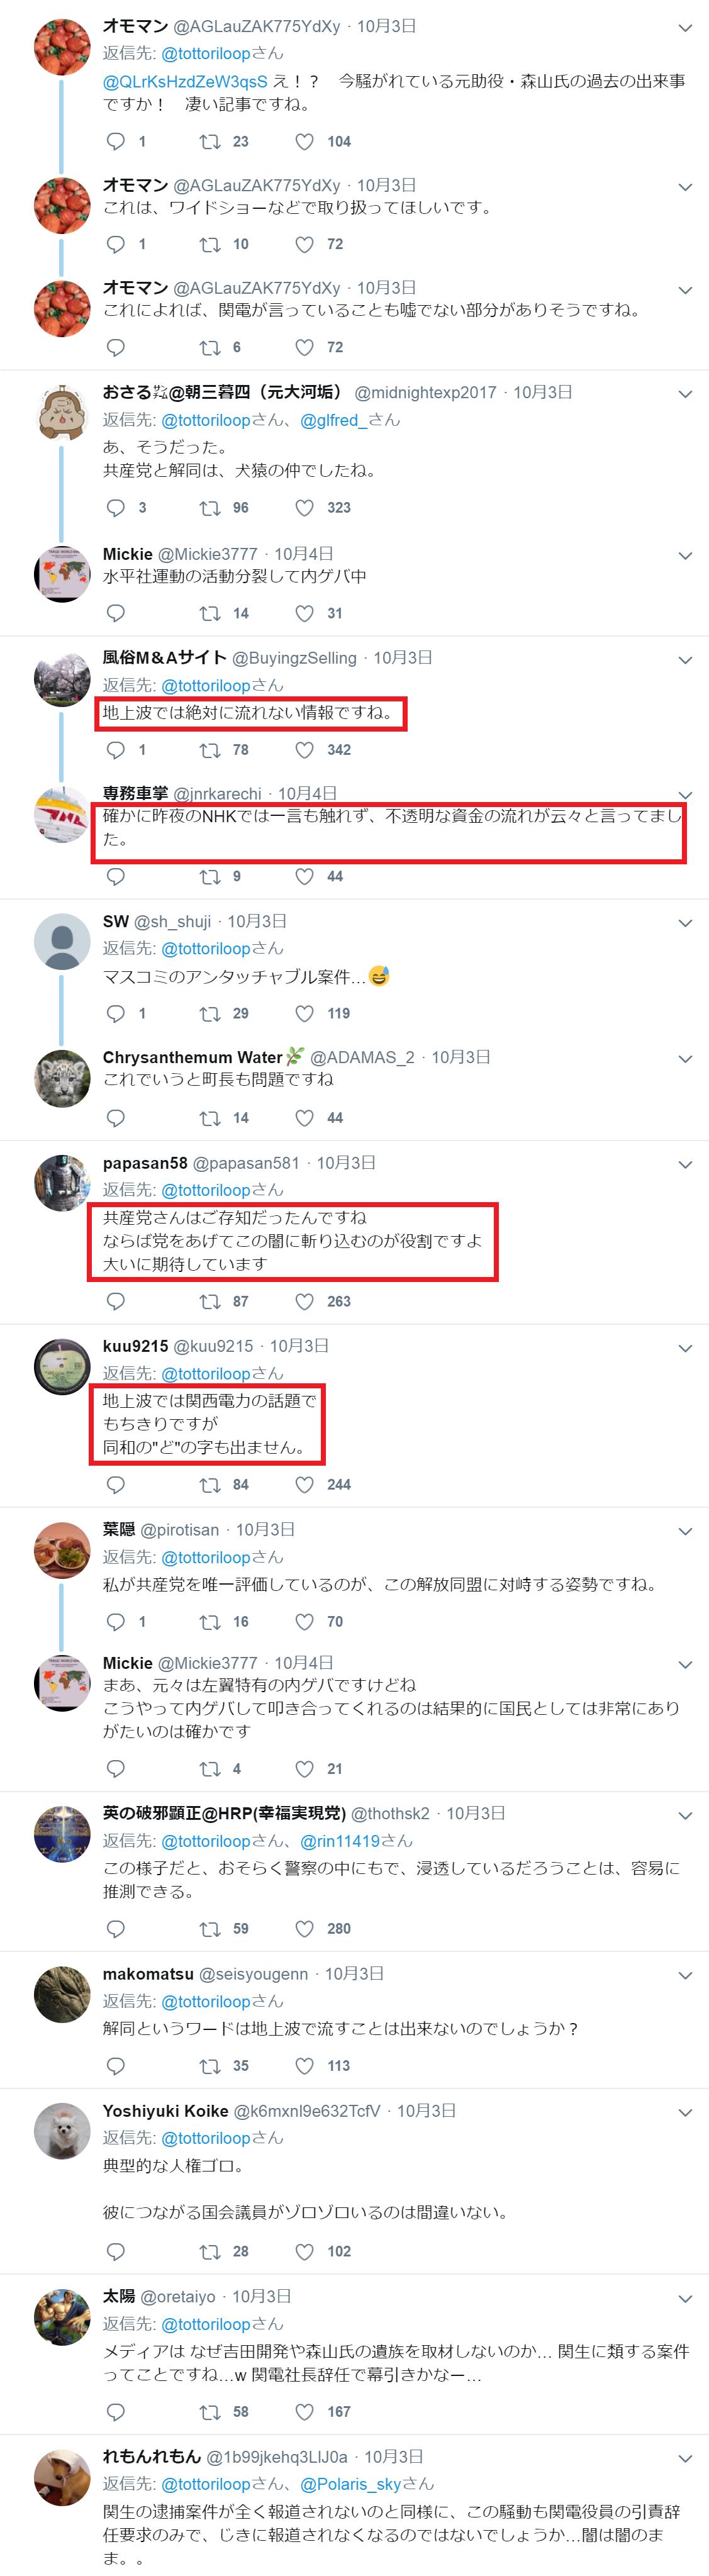 旧社会党堂森議員と高浜原発の関係3